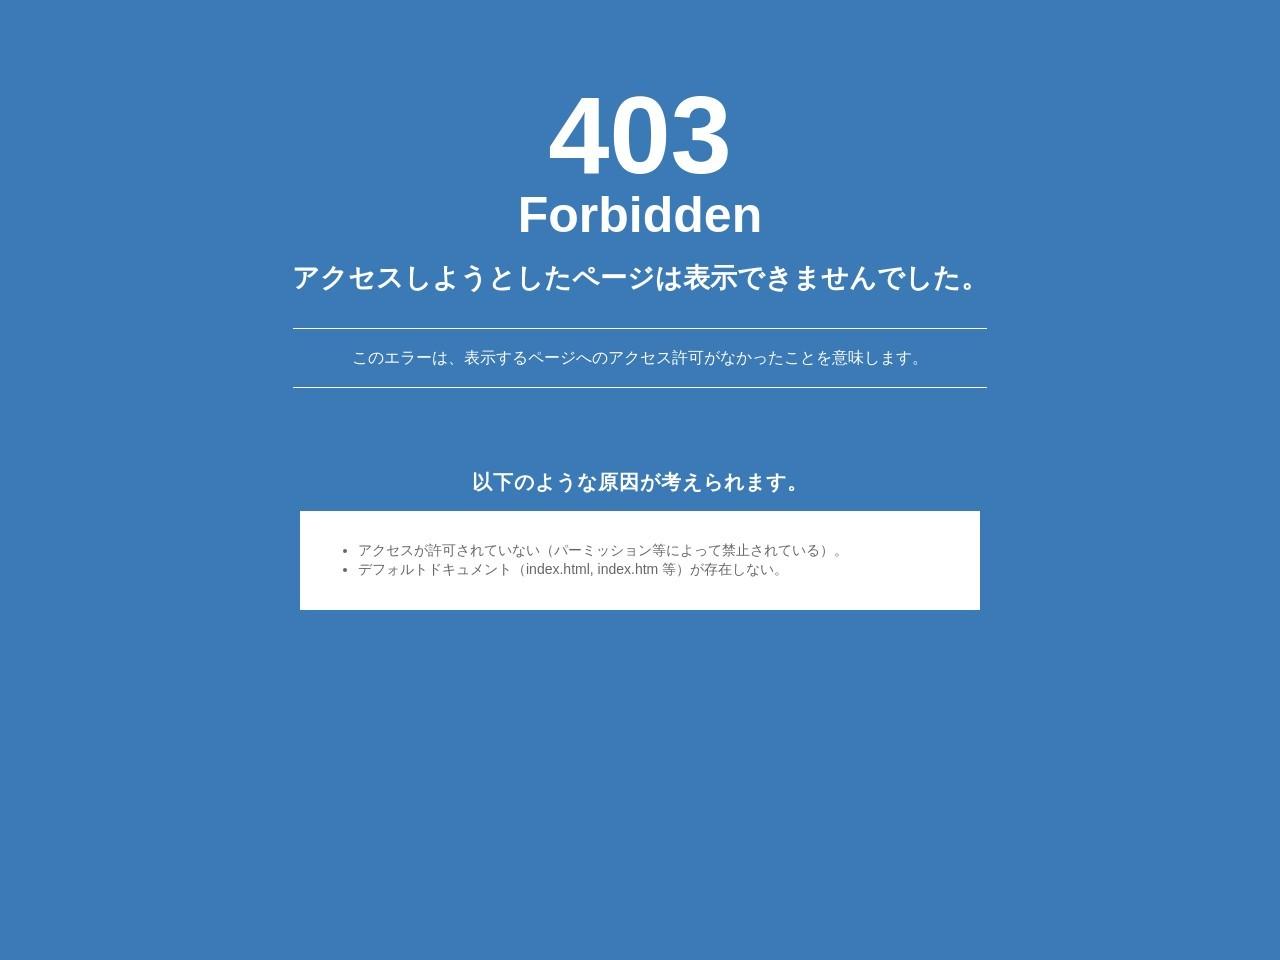 小出歯科医院 (大阪府大阪市住吉区)